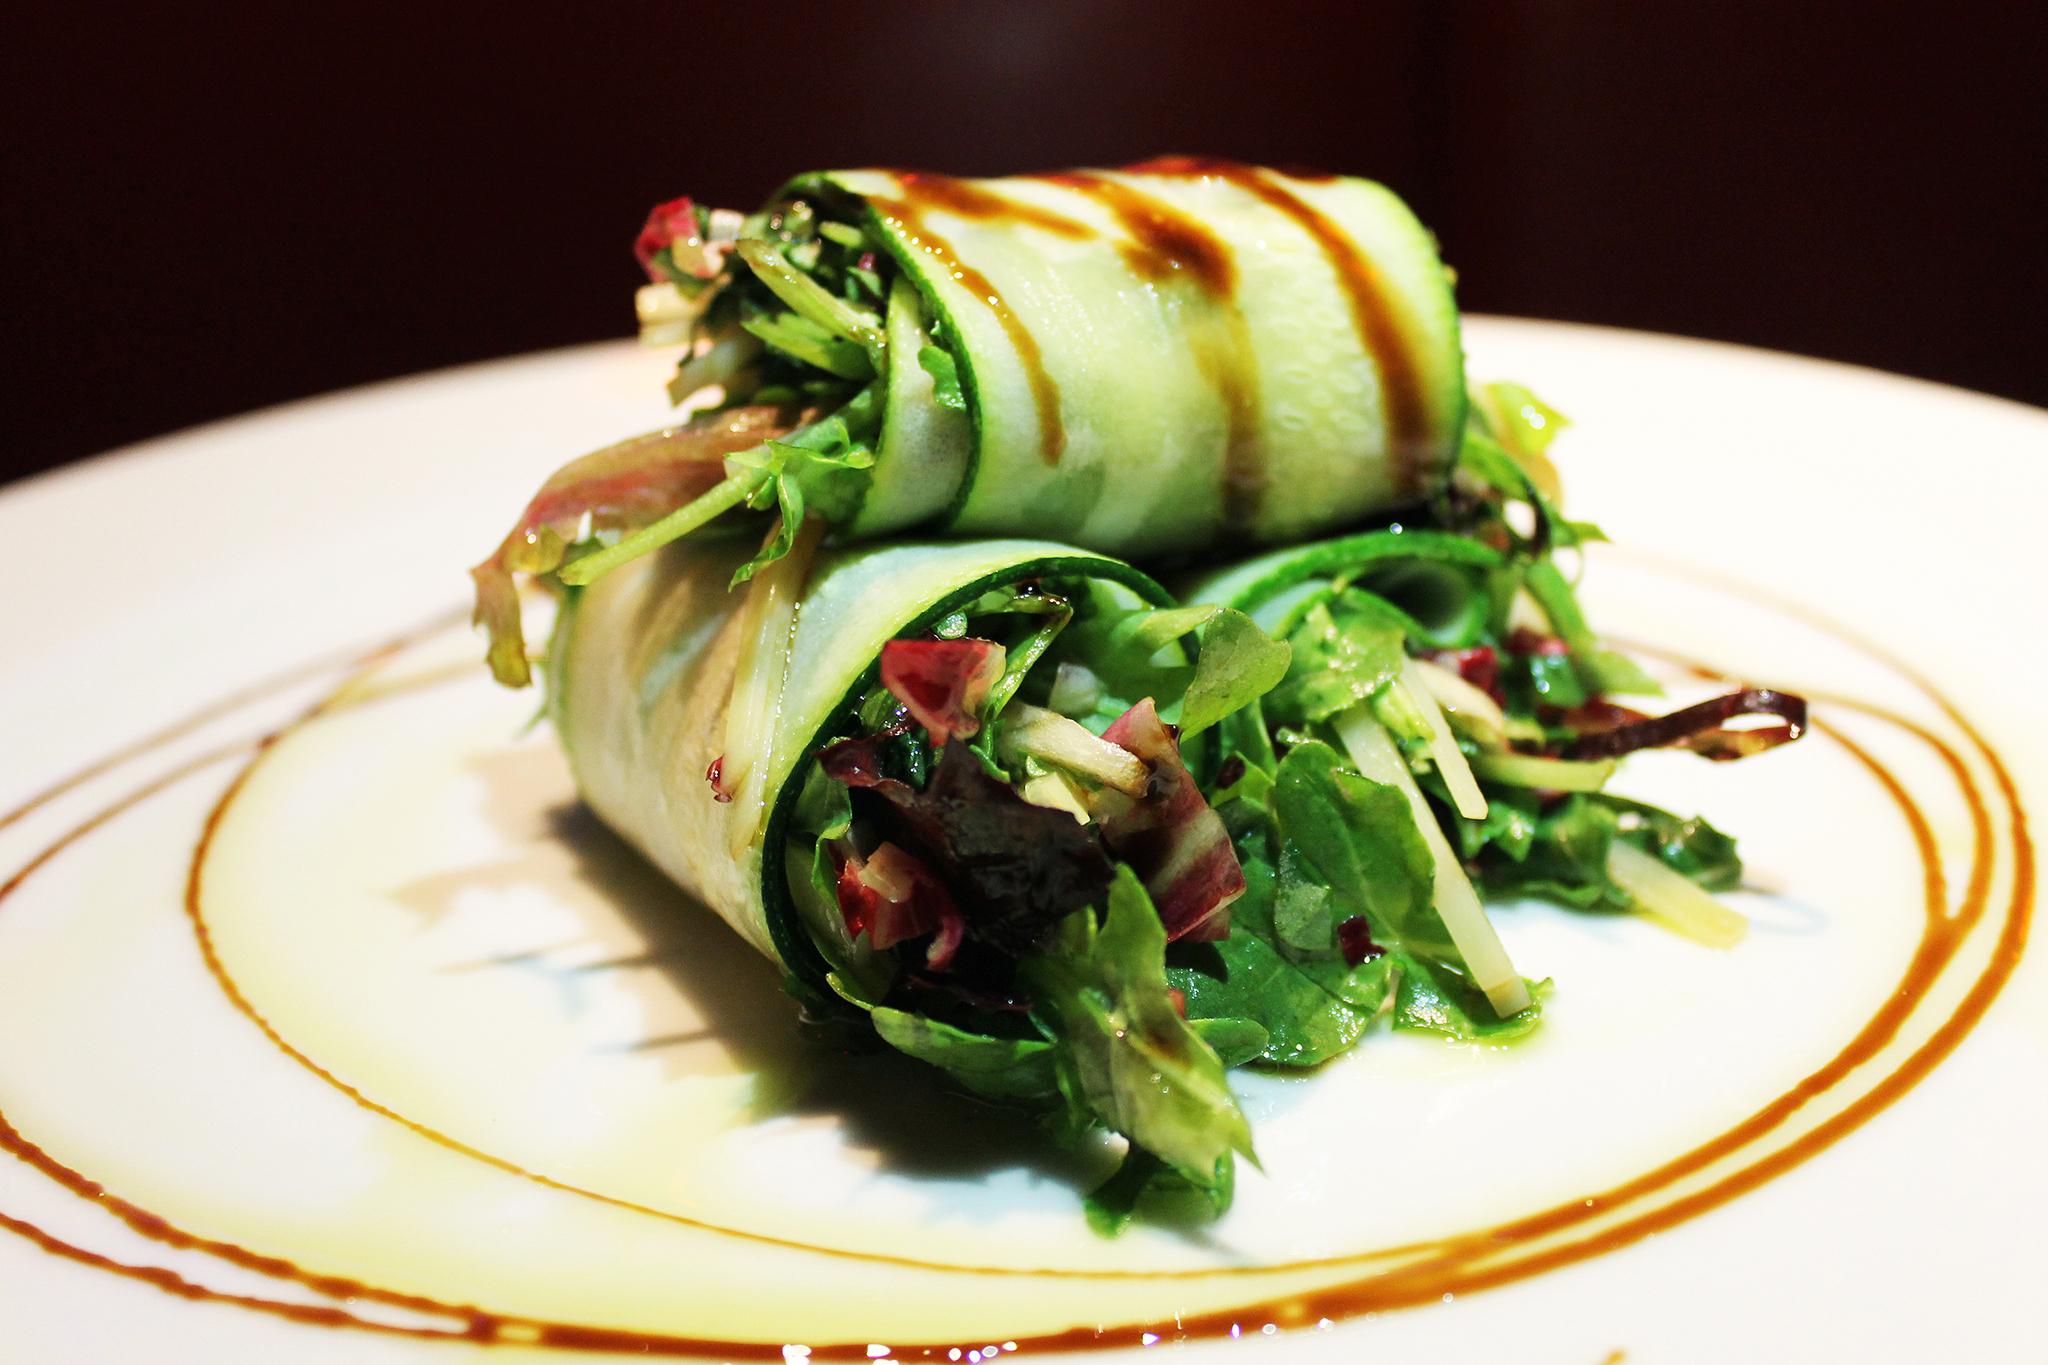 Zucchini rollup at Café Prima Pasta